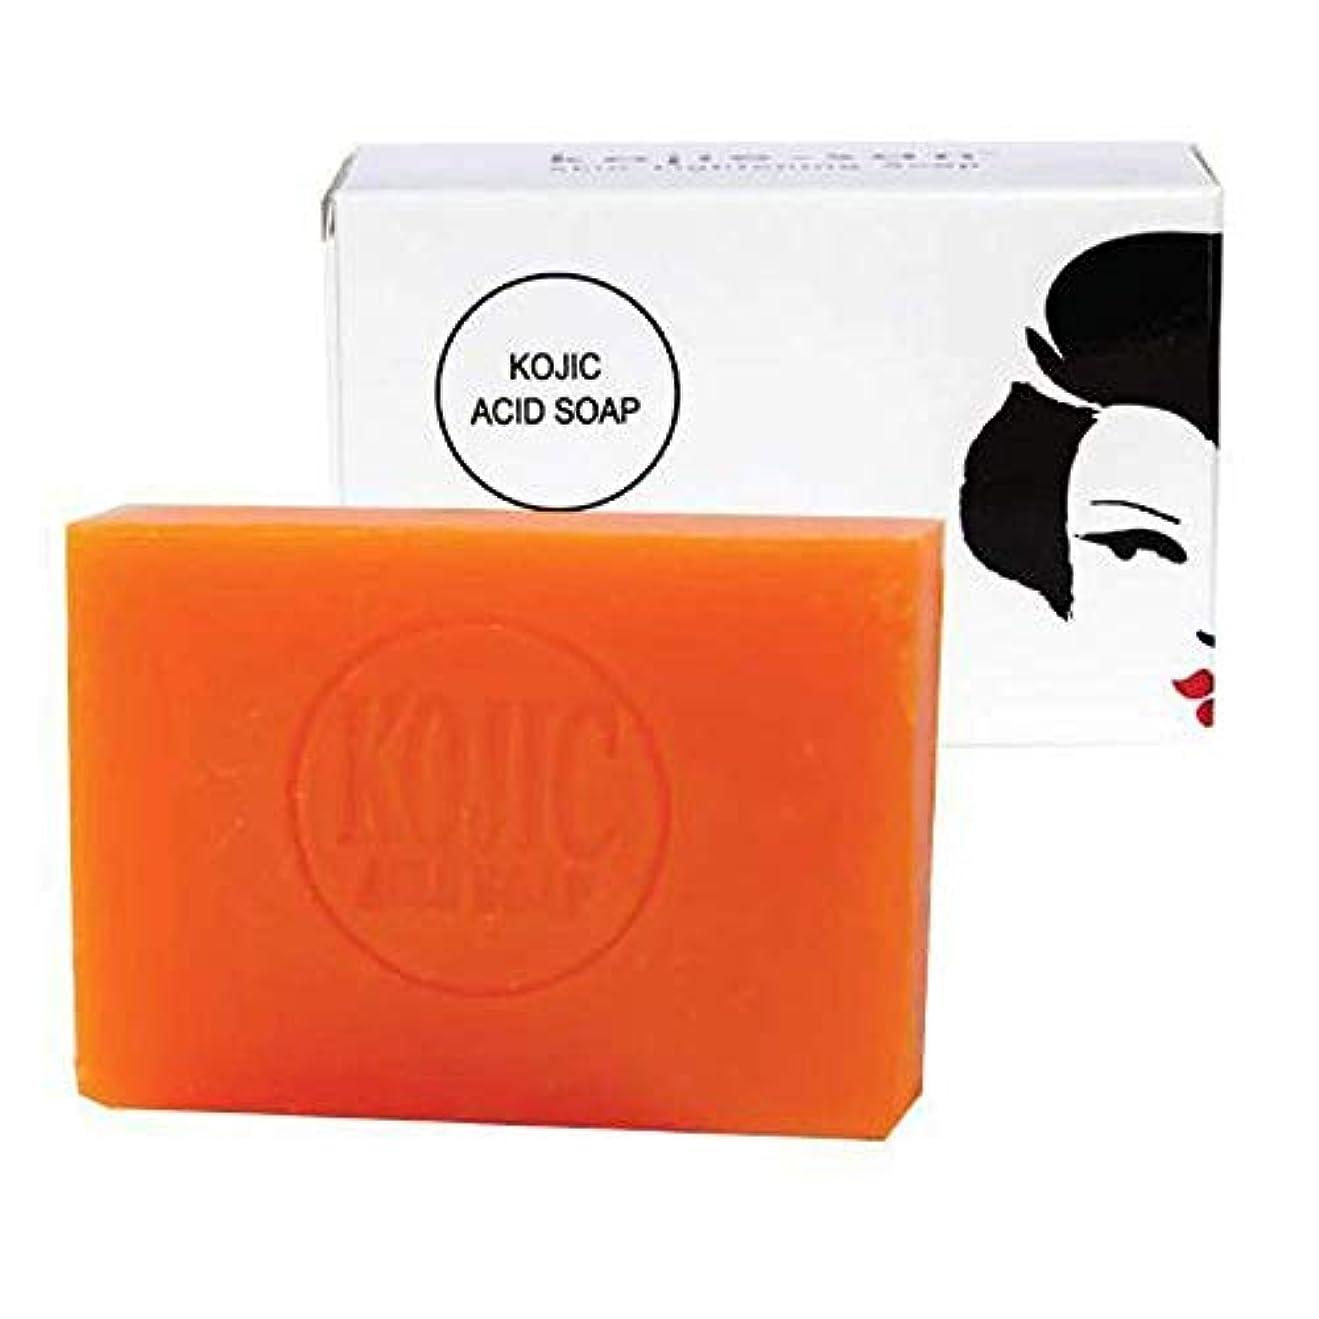 脚本家三晴れKojie San Skin Lightening Kojic Acid Soap 2 Bars - 65G Fades Age Spots, Freckles, And Other Signs Of Sun Damage...